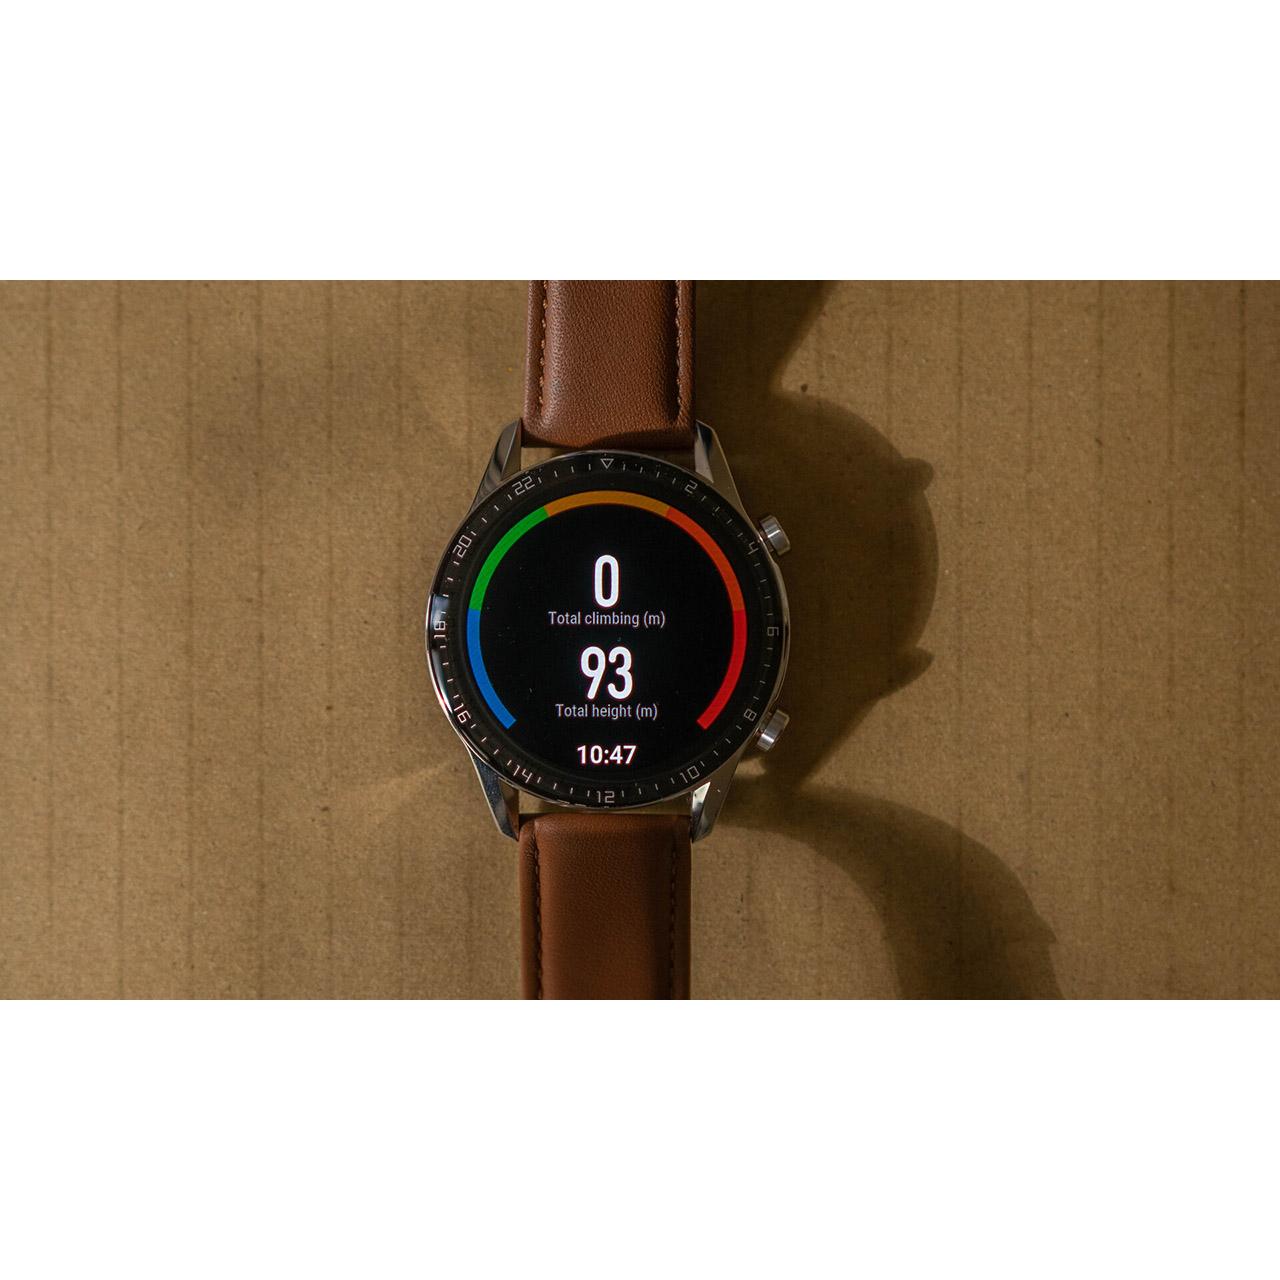 ساعت هوشمند هوآوی مدل WATCH GT 2 LTN-B19 46 mm main 1 22